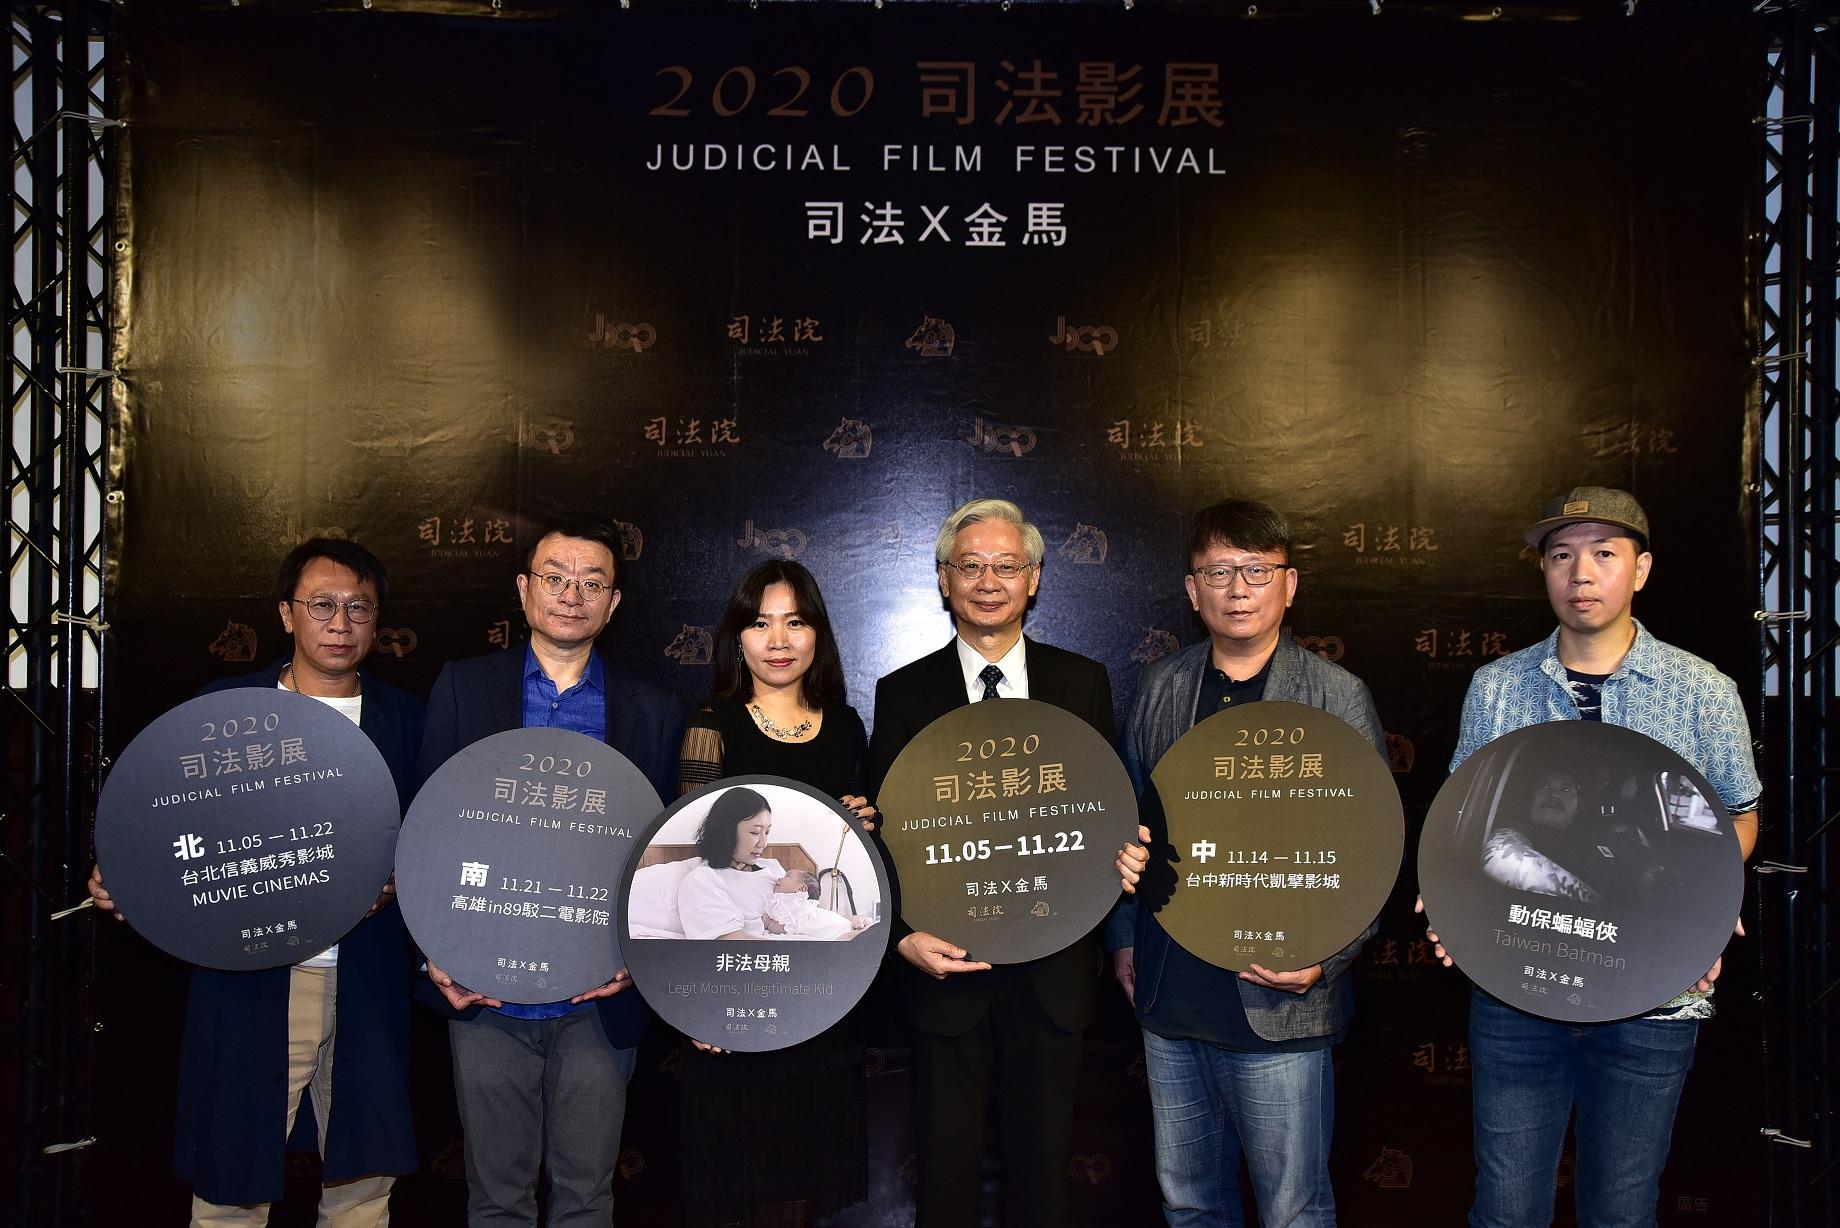 金馬X司法影展,左起:游安順、聞天祥、朱詩倩、許宗力院長、楊力州、朱詩鈺